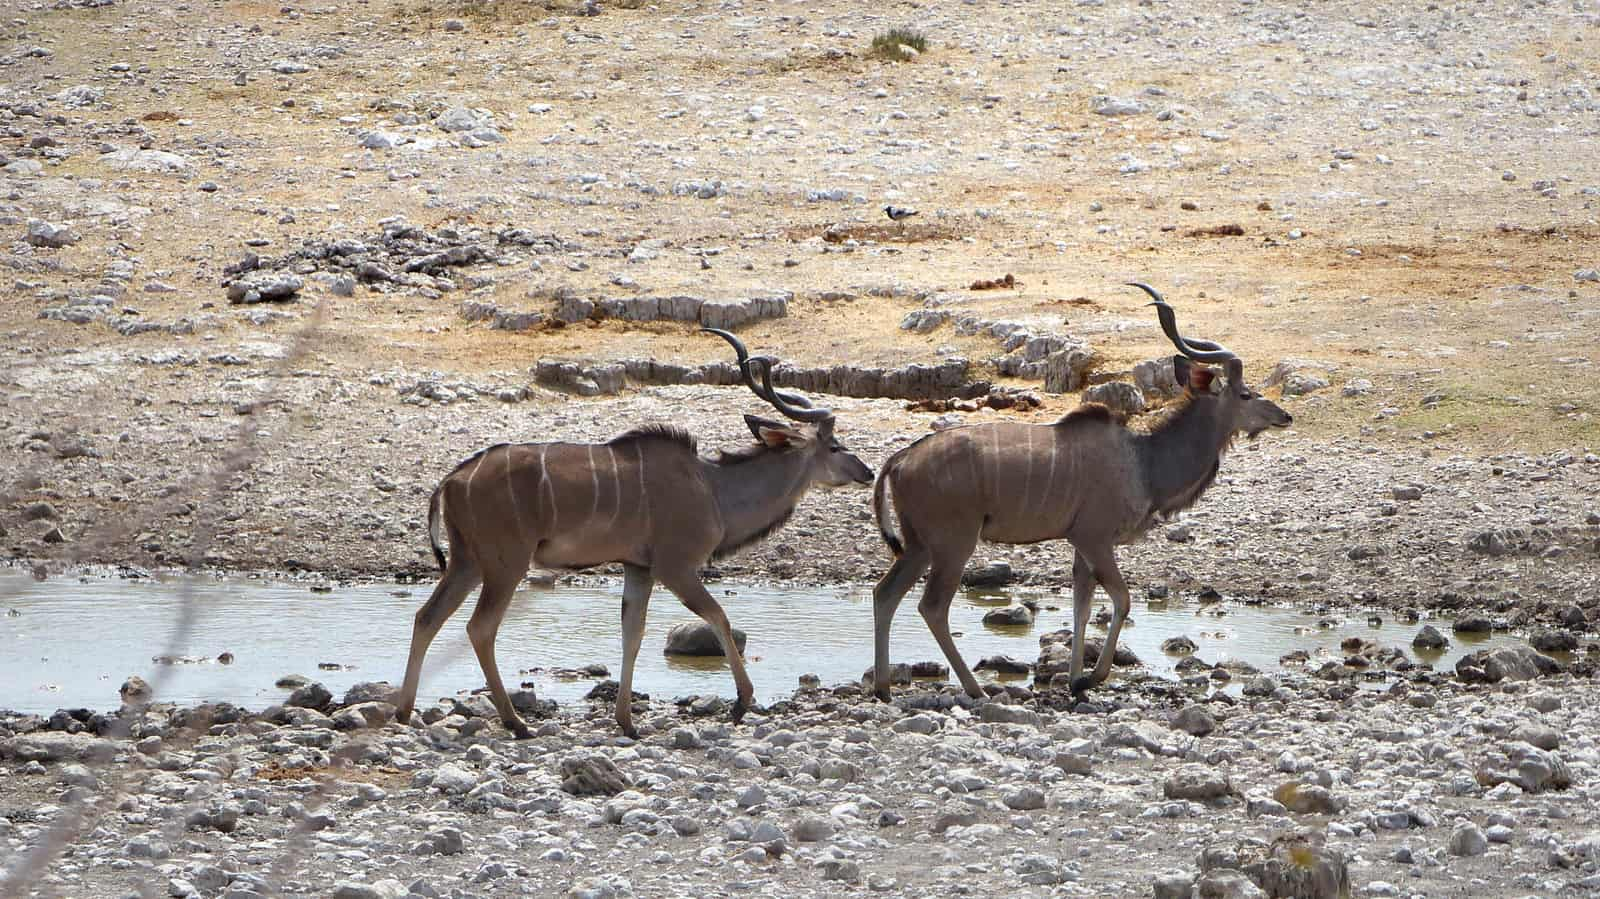 Kudu Antelopes at Etosha, Namibia